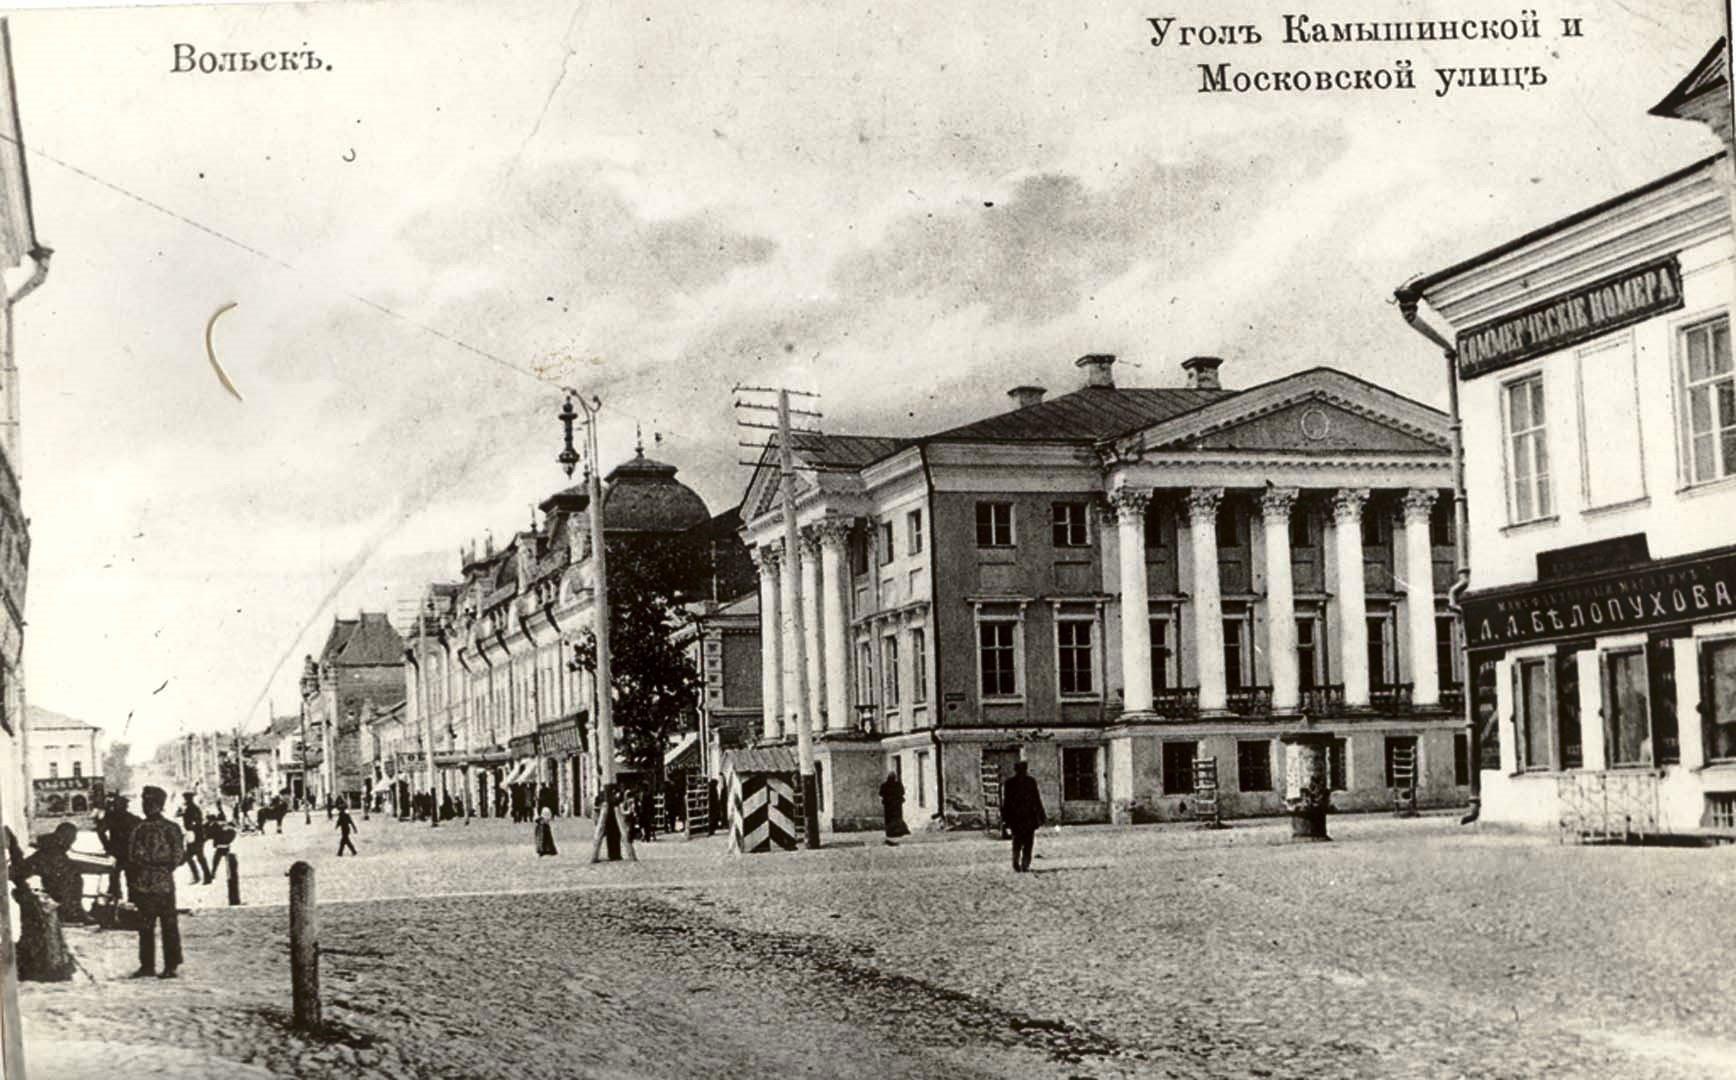 Угол Камышинской и Московской улиц